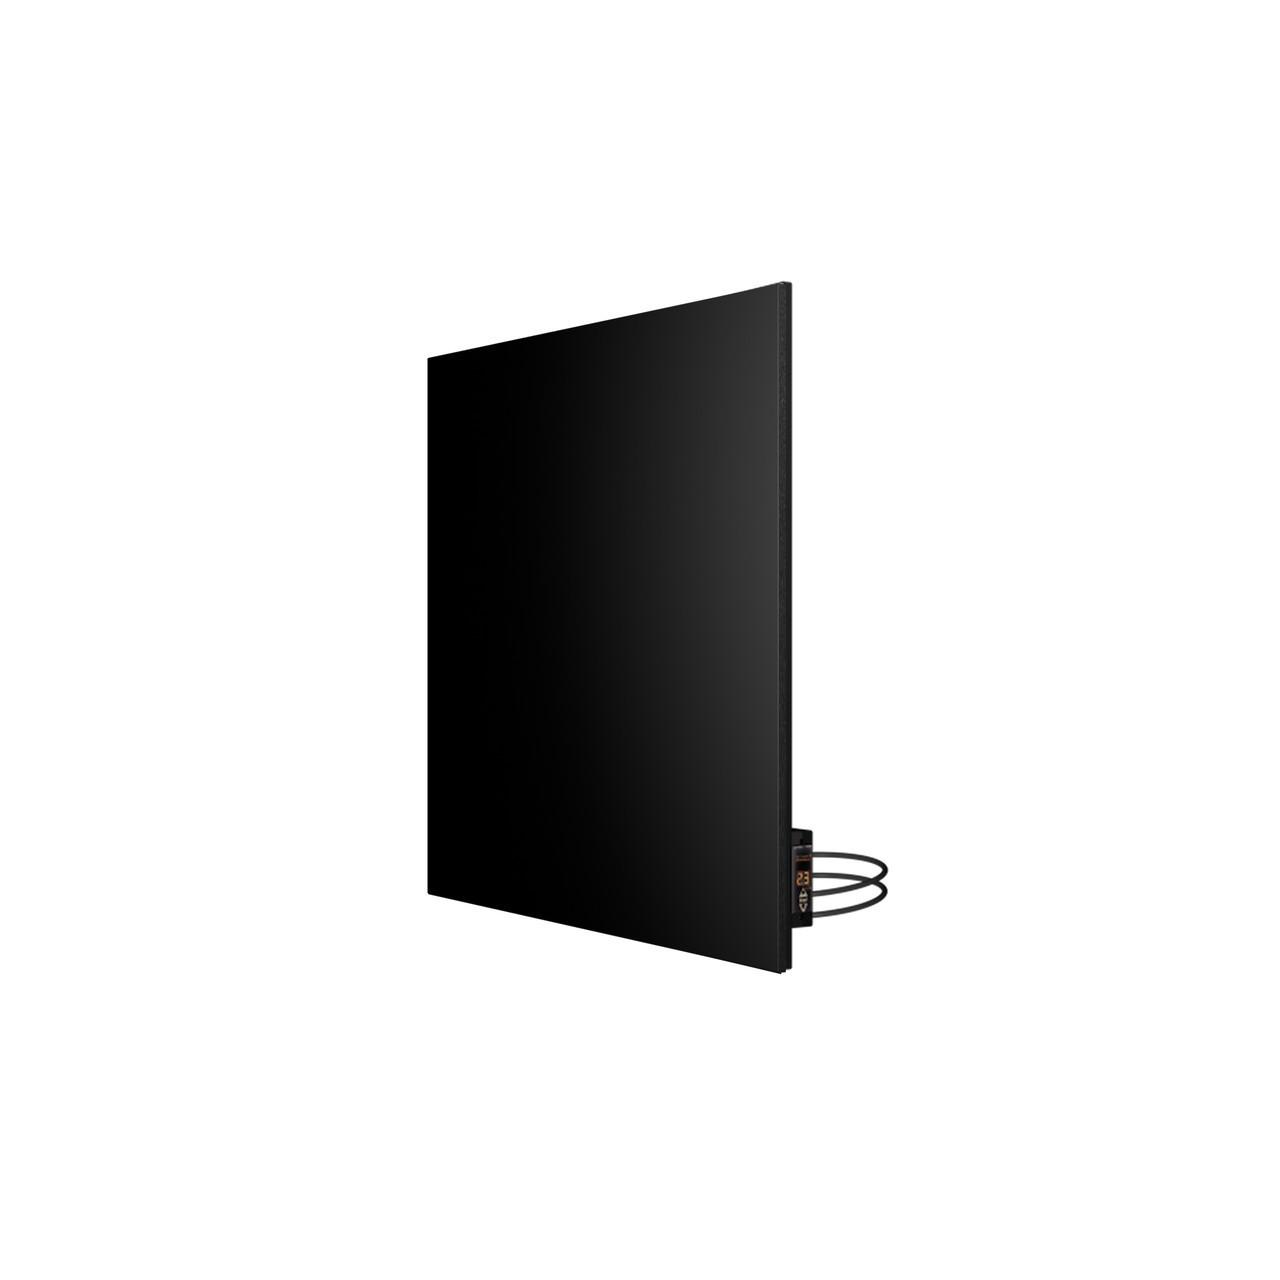 Керамический инфракрасный панельный обогреватель Teploceramic TC500R 500Вт (Чёрный)